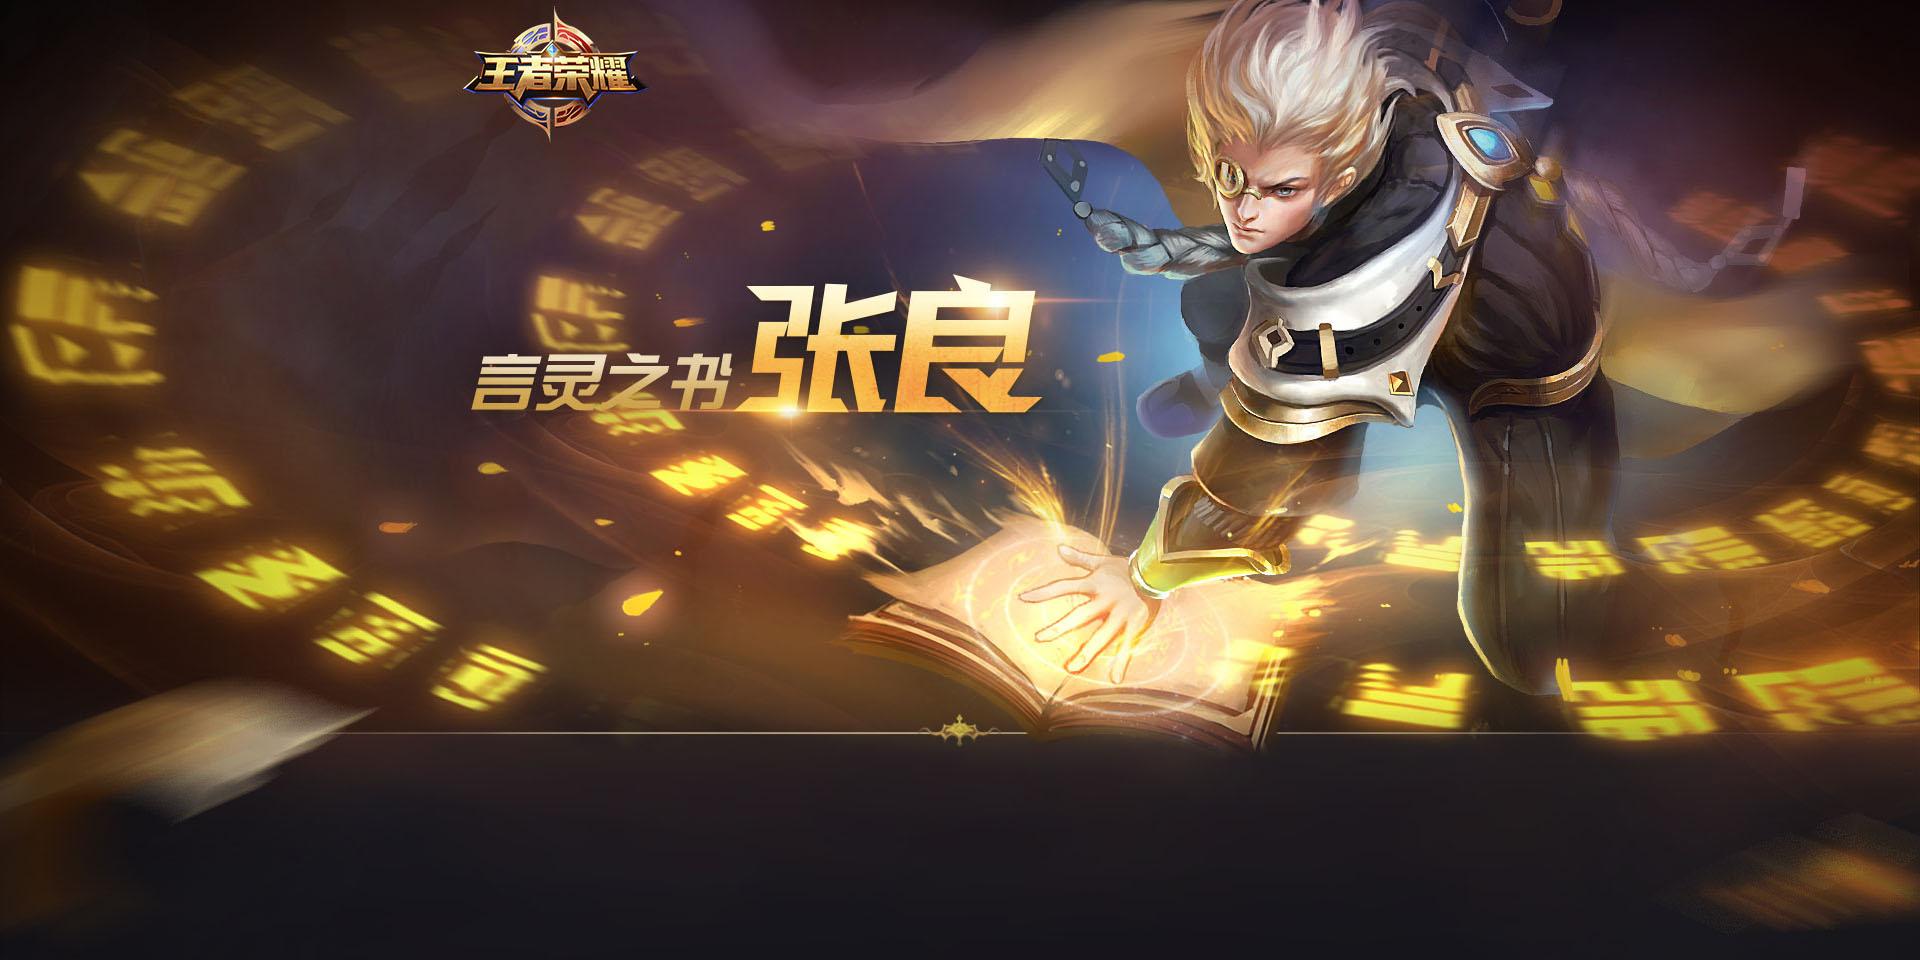 第2弹《王者荣耀英雄皮肤CG》竞技游戏77